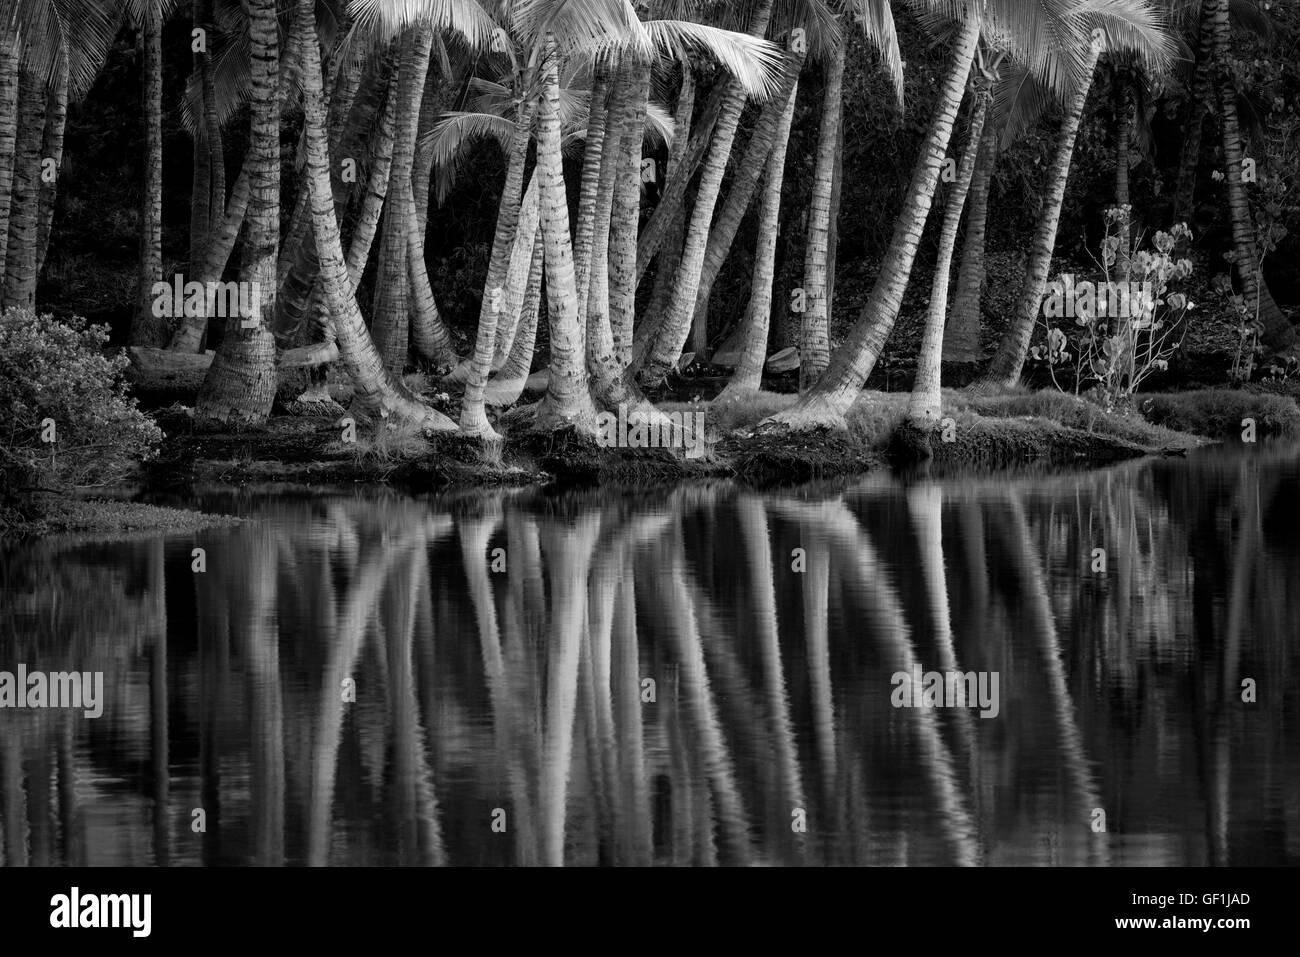 Palm arbres se reflétant dans l'eau d'Lahuipua Kaaiopio et un des étangs. Hawaii Island Photo Stock